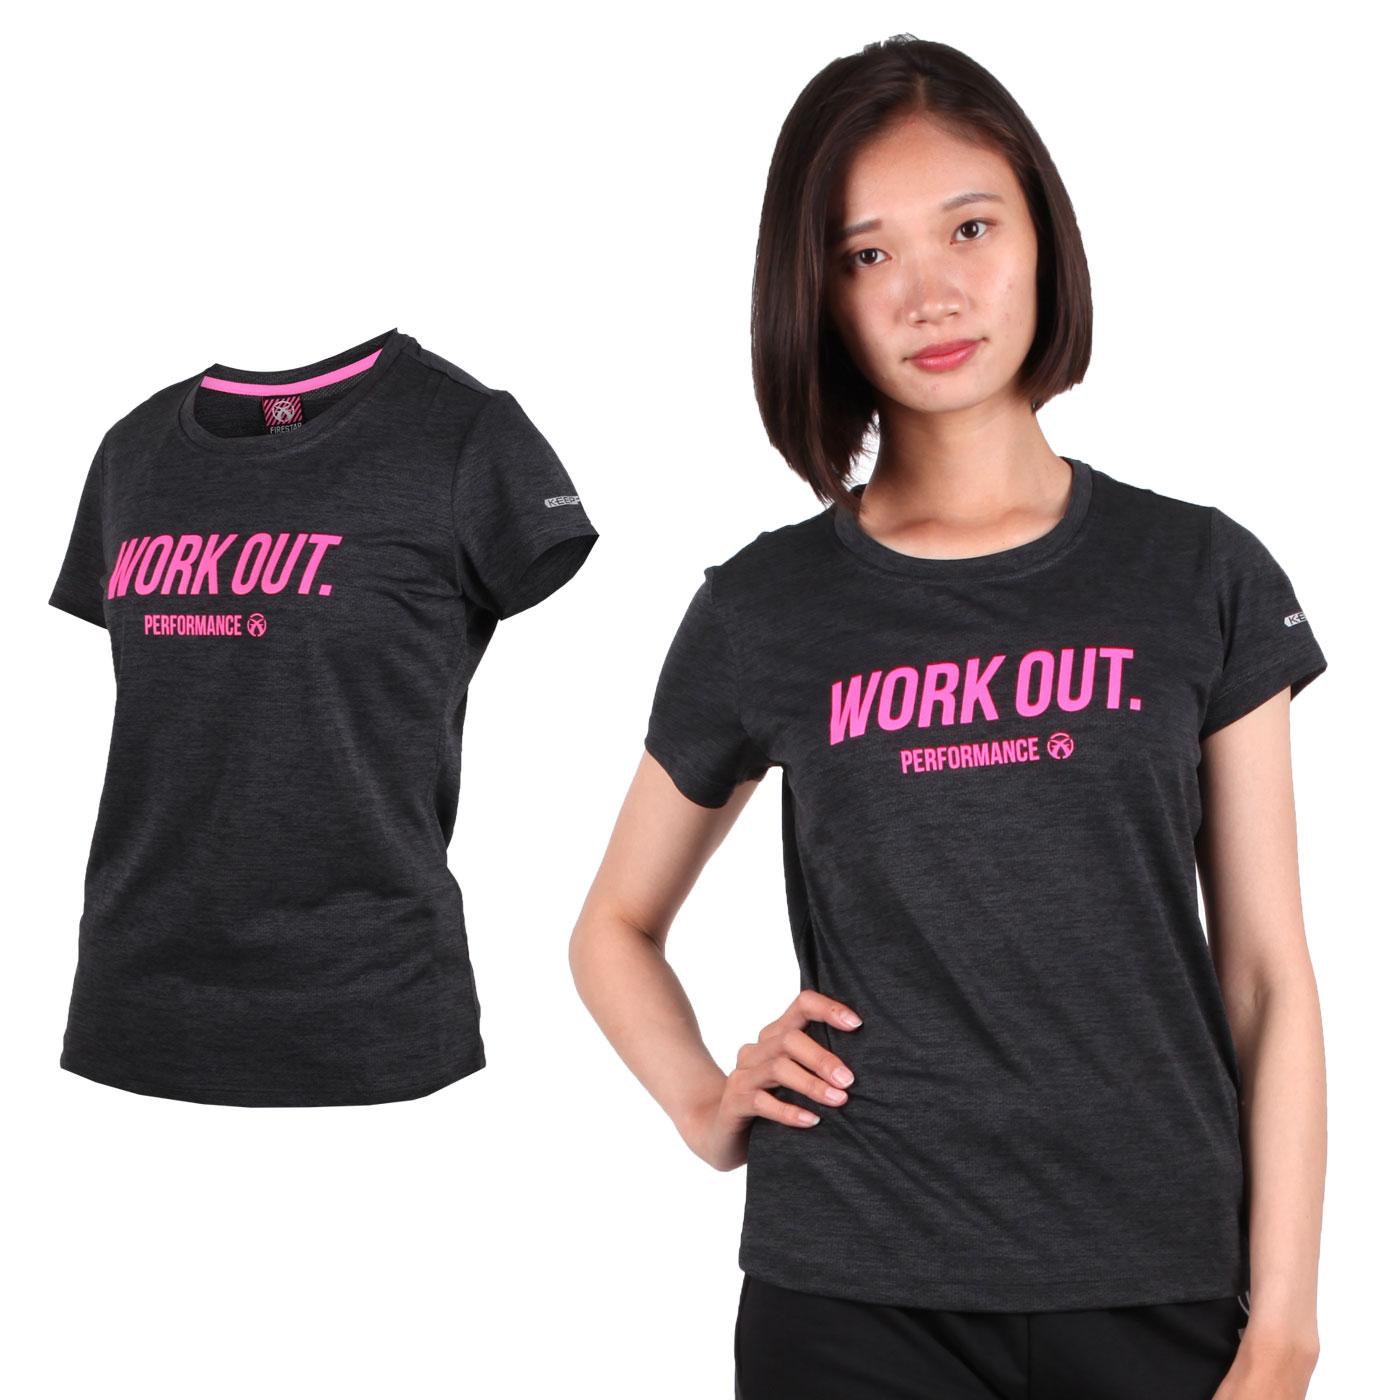 FIRESTAR 女款吸濕排汗圓領短袖T恤 DL962-19 - 深灰亮粉